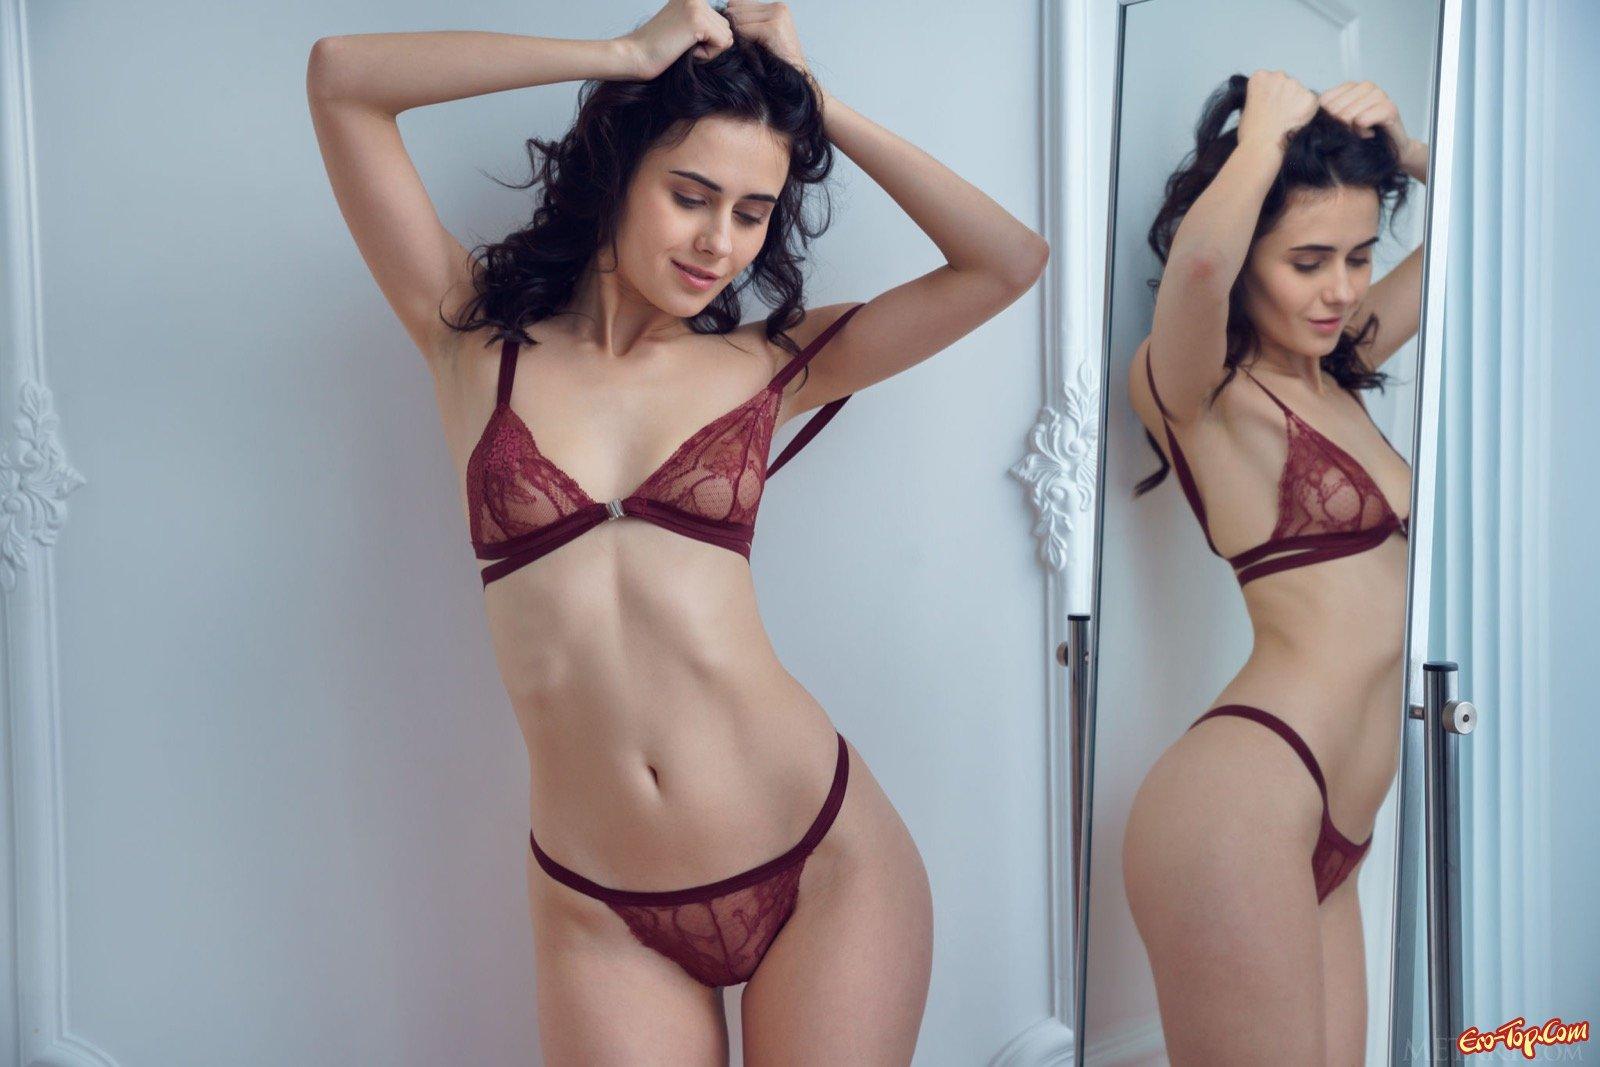 Девица в красивом белье показывает тело перед зеркалом смотреть эротику